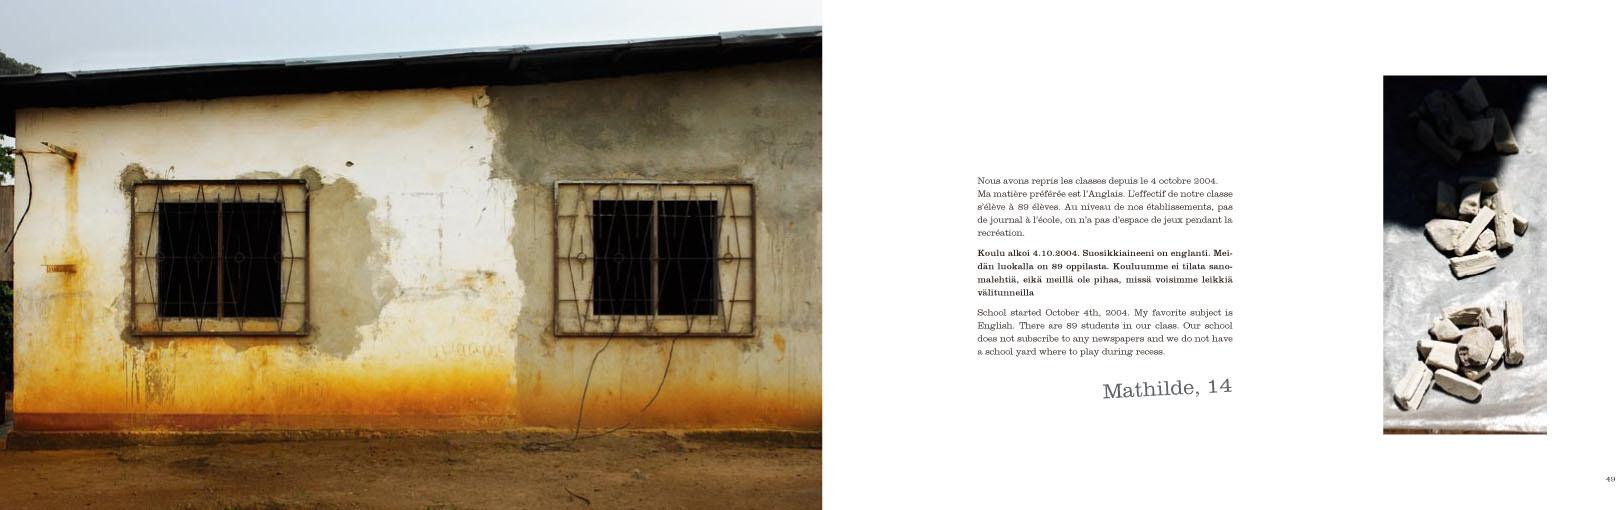 emoriya_molende_book_p-25.jpg